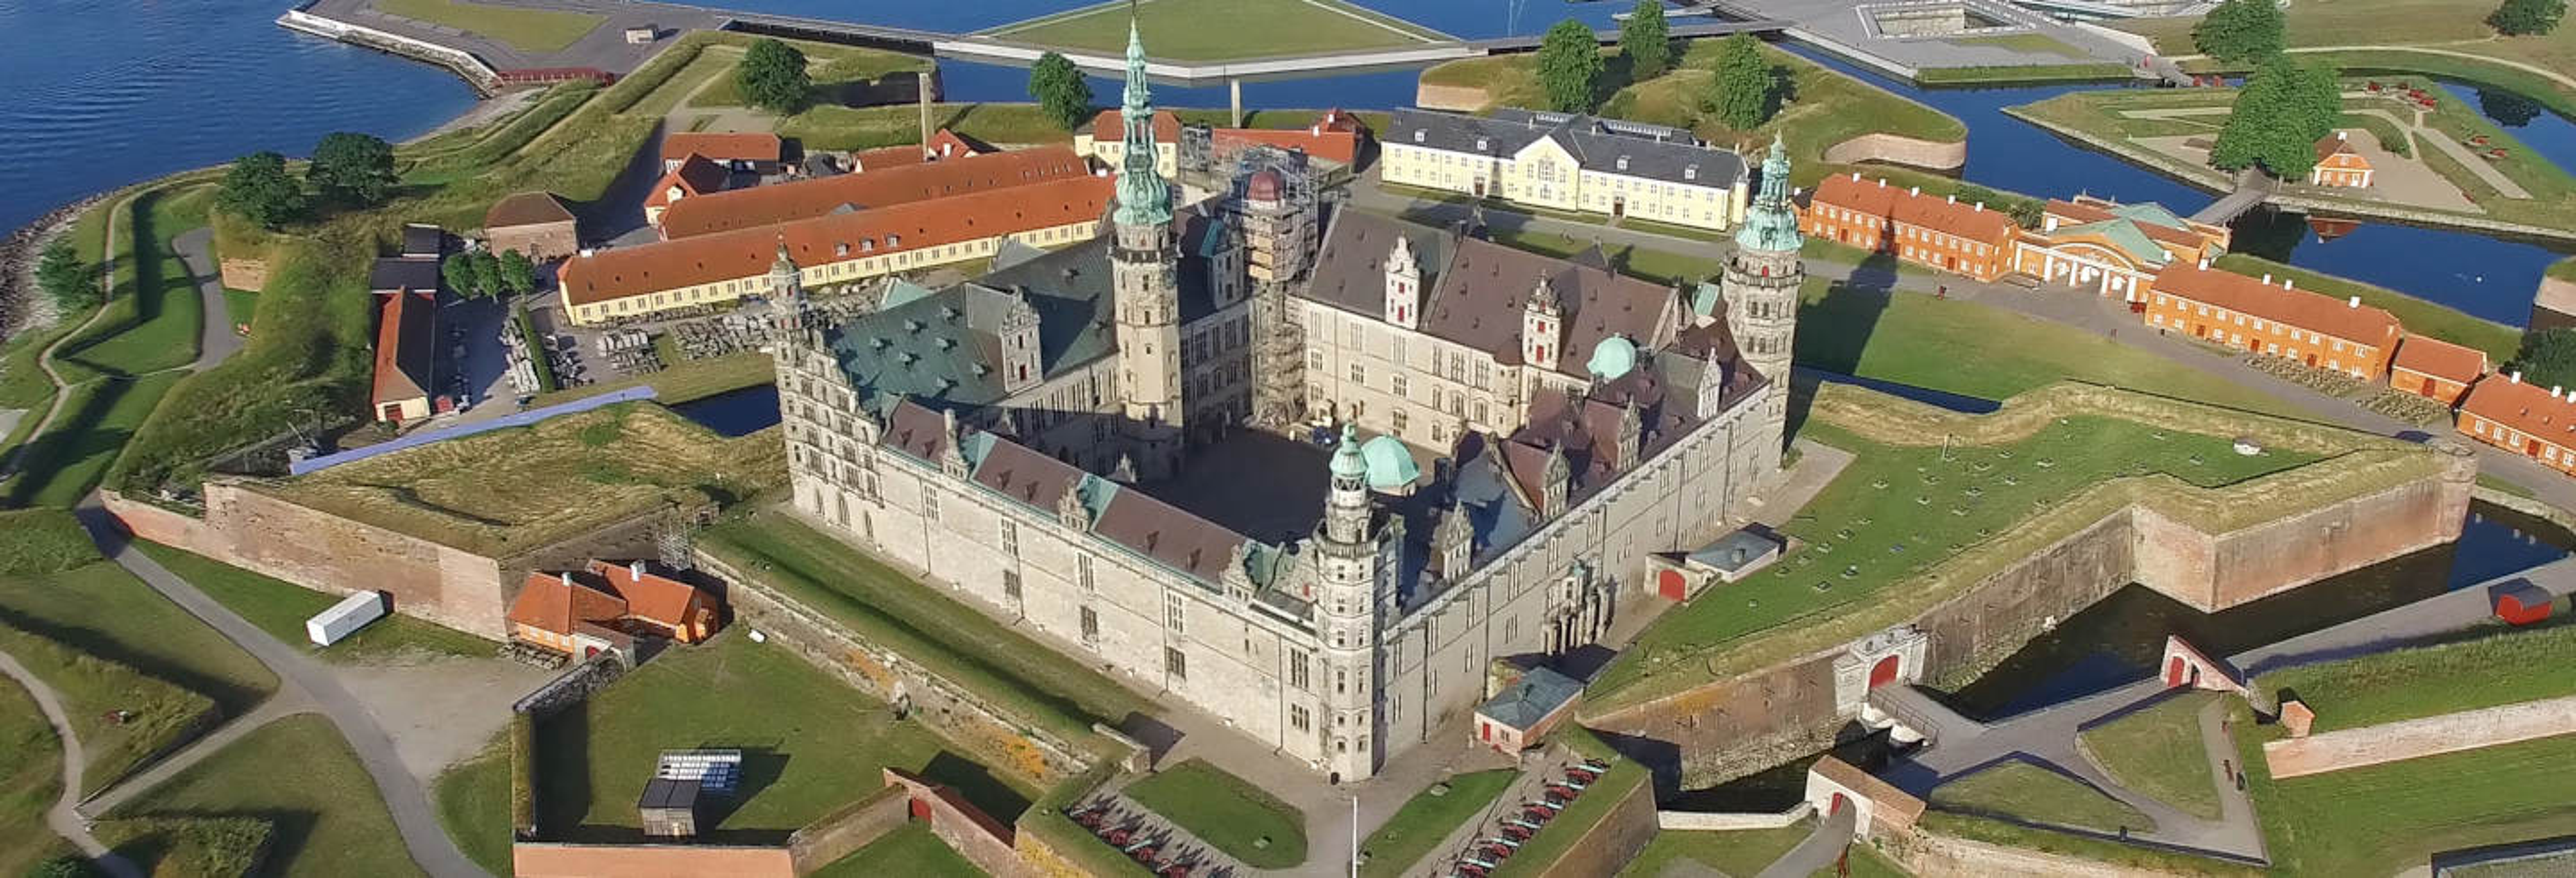 Excursion au château de Kronborg, Lund et Malmö